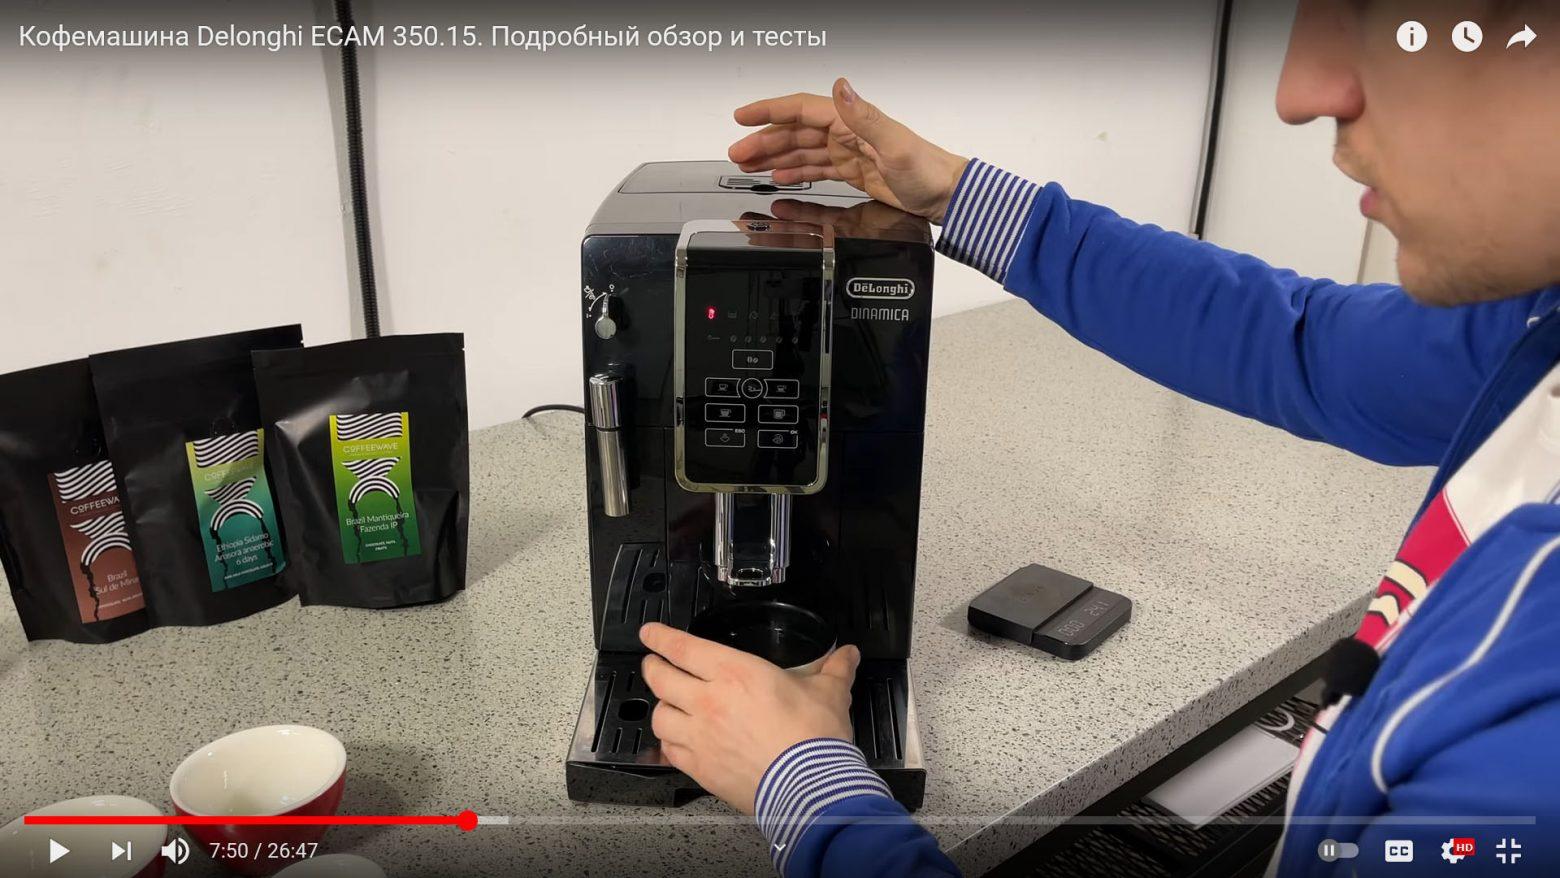 Кофемашина De'Longhi ECAM 350.15. Подробный обзор и тесты